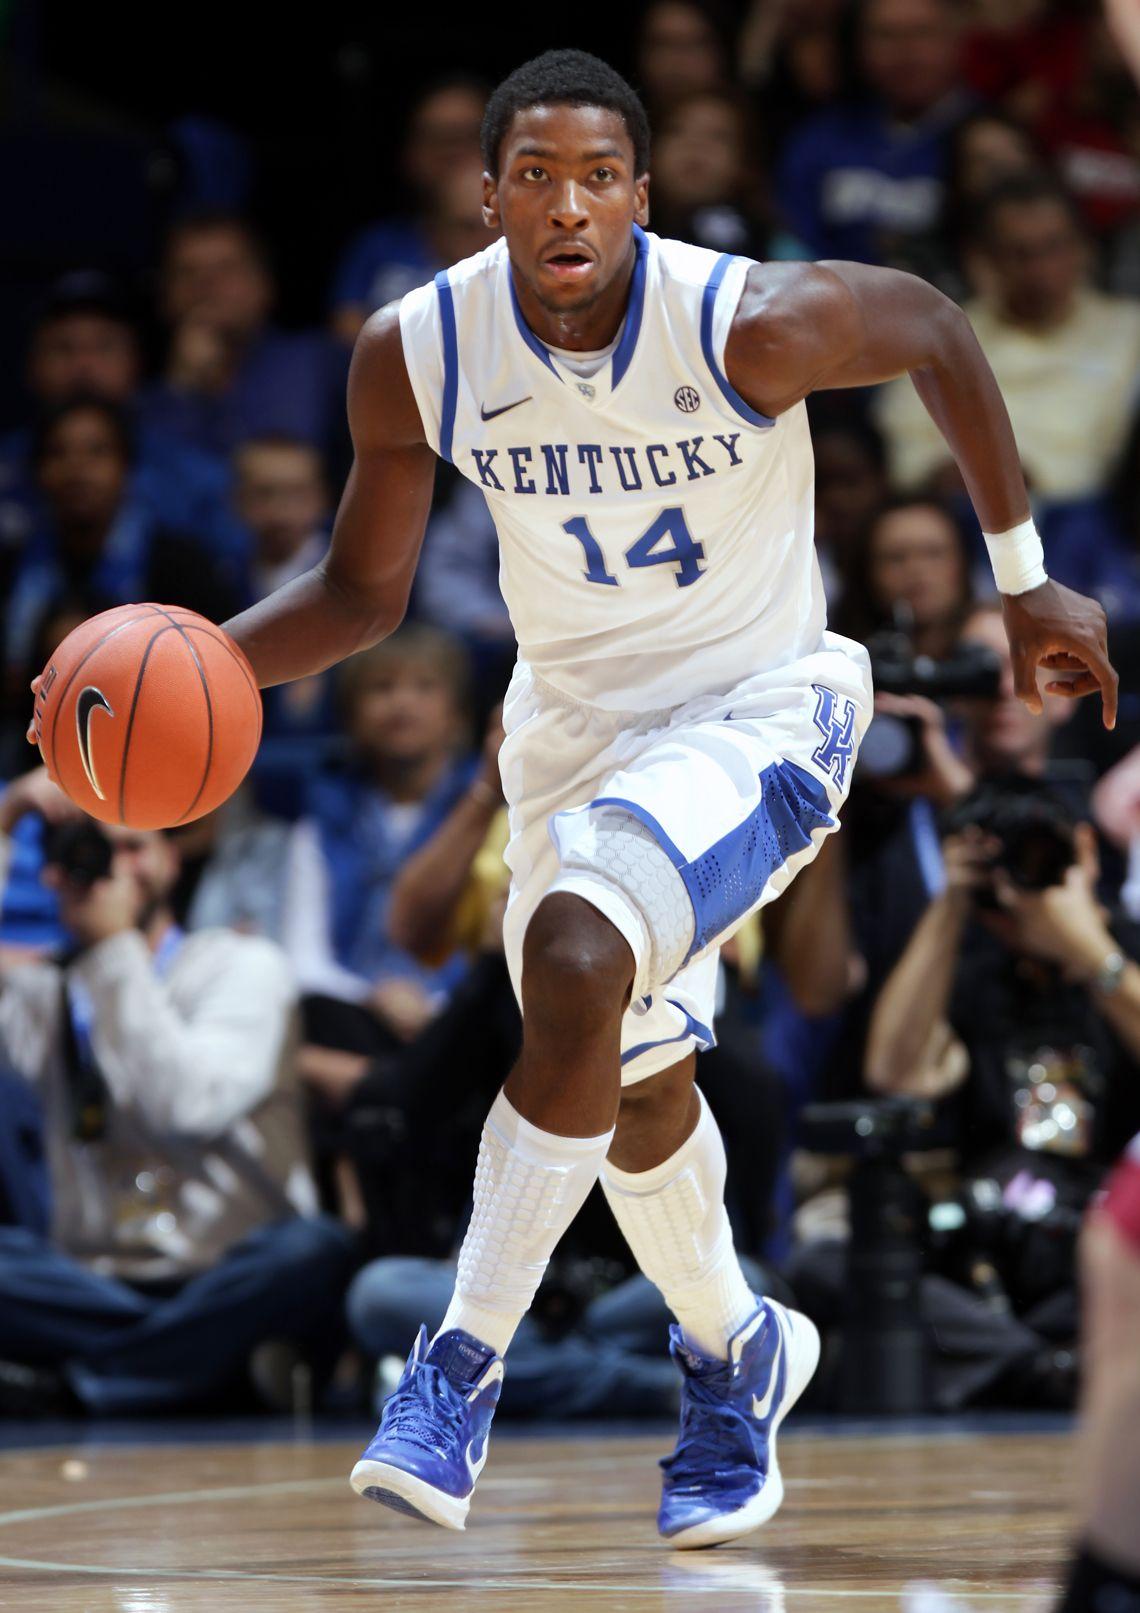 Michael Kidd Gilchrist 14 Kentucky Kentucky Wildcats Wild Cats